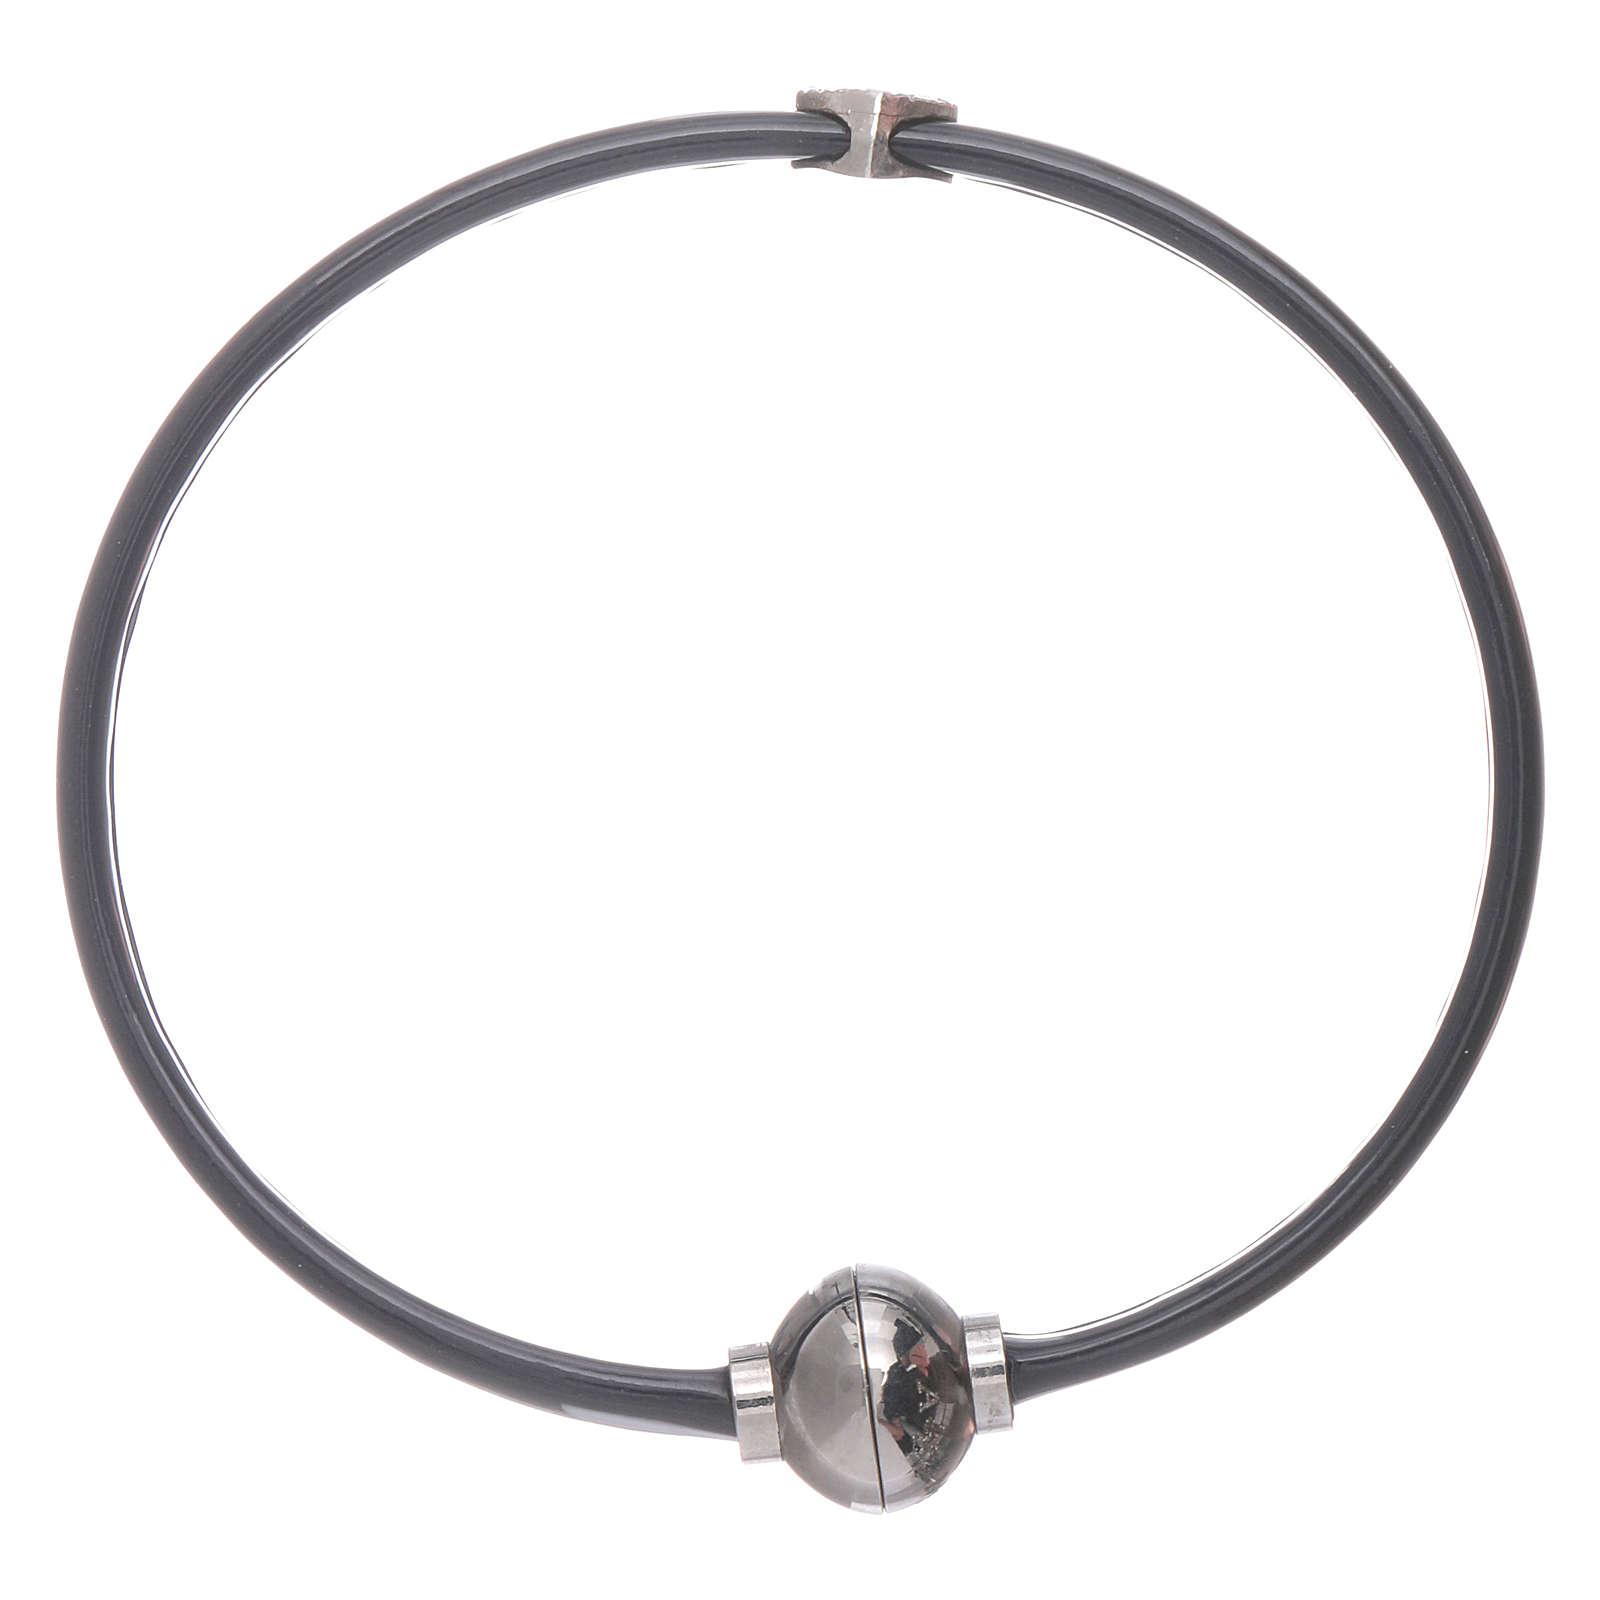 Bracciale AMEN cuoricino zirconato argento 925 in termoplastica nero 4